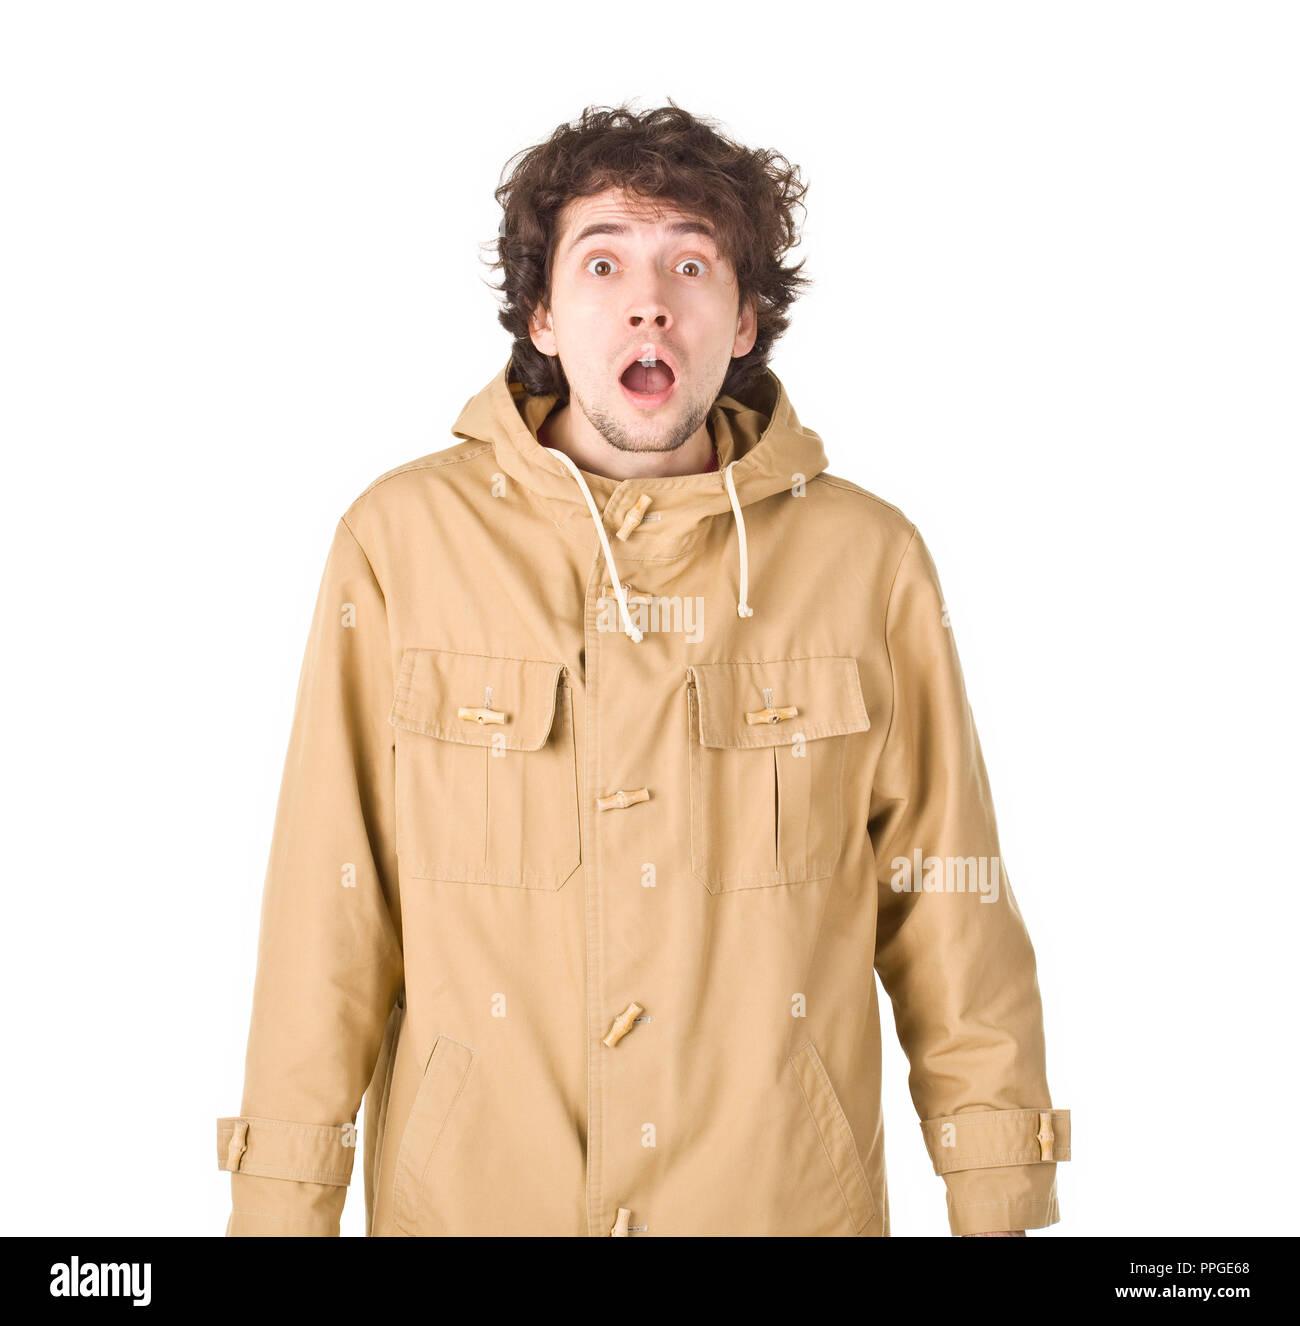 Sorprendente kinky hombre vestido con pelaje marrón Imagen De Stock